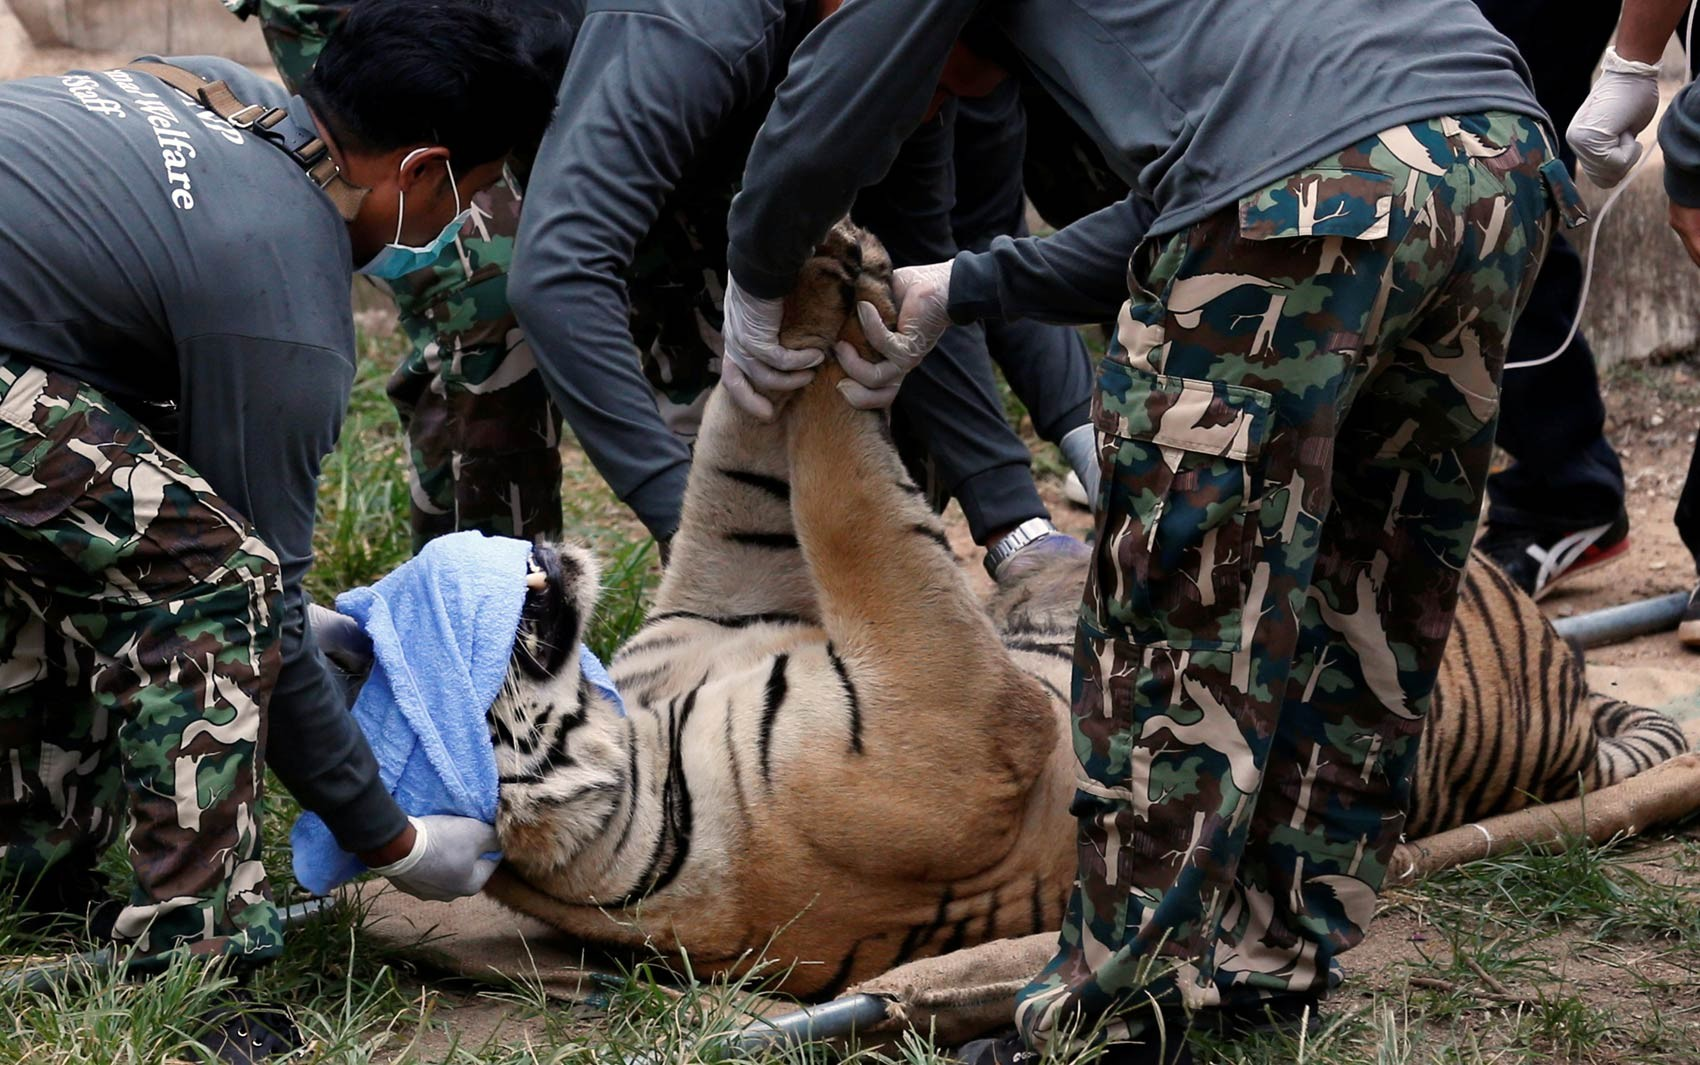 Tigres resgatados de templo na Tailândia morrem após suspeitas de tráfico de animais - Notícias - Plantão Diário